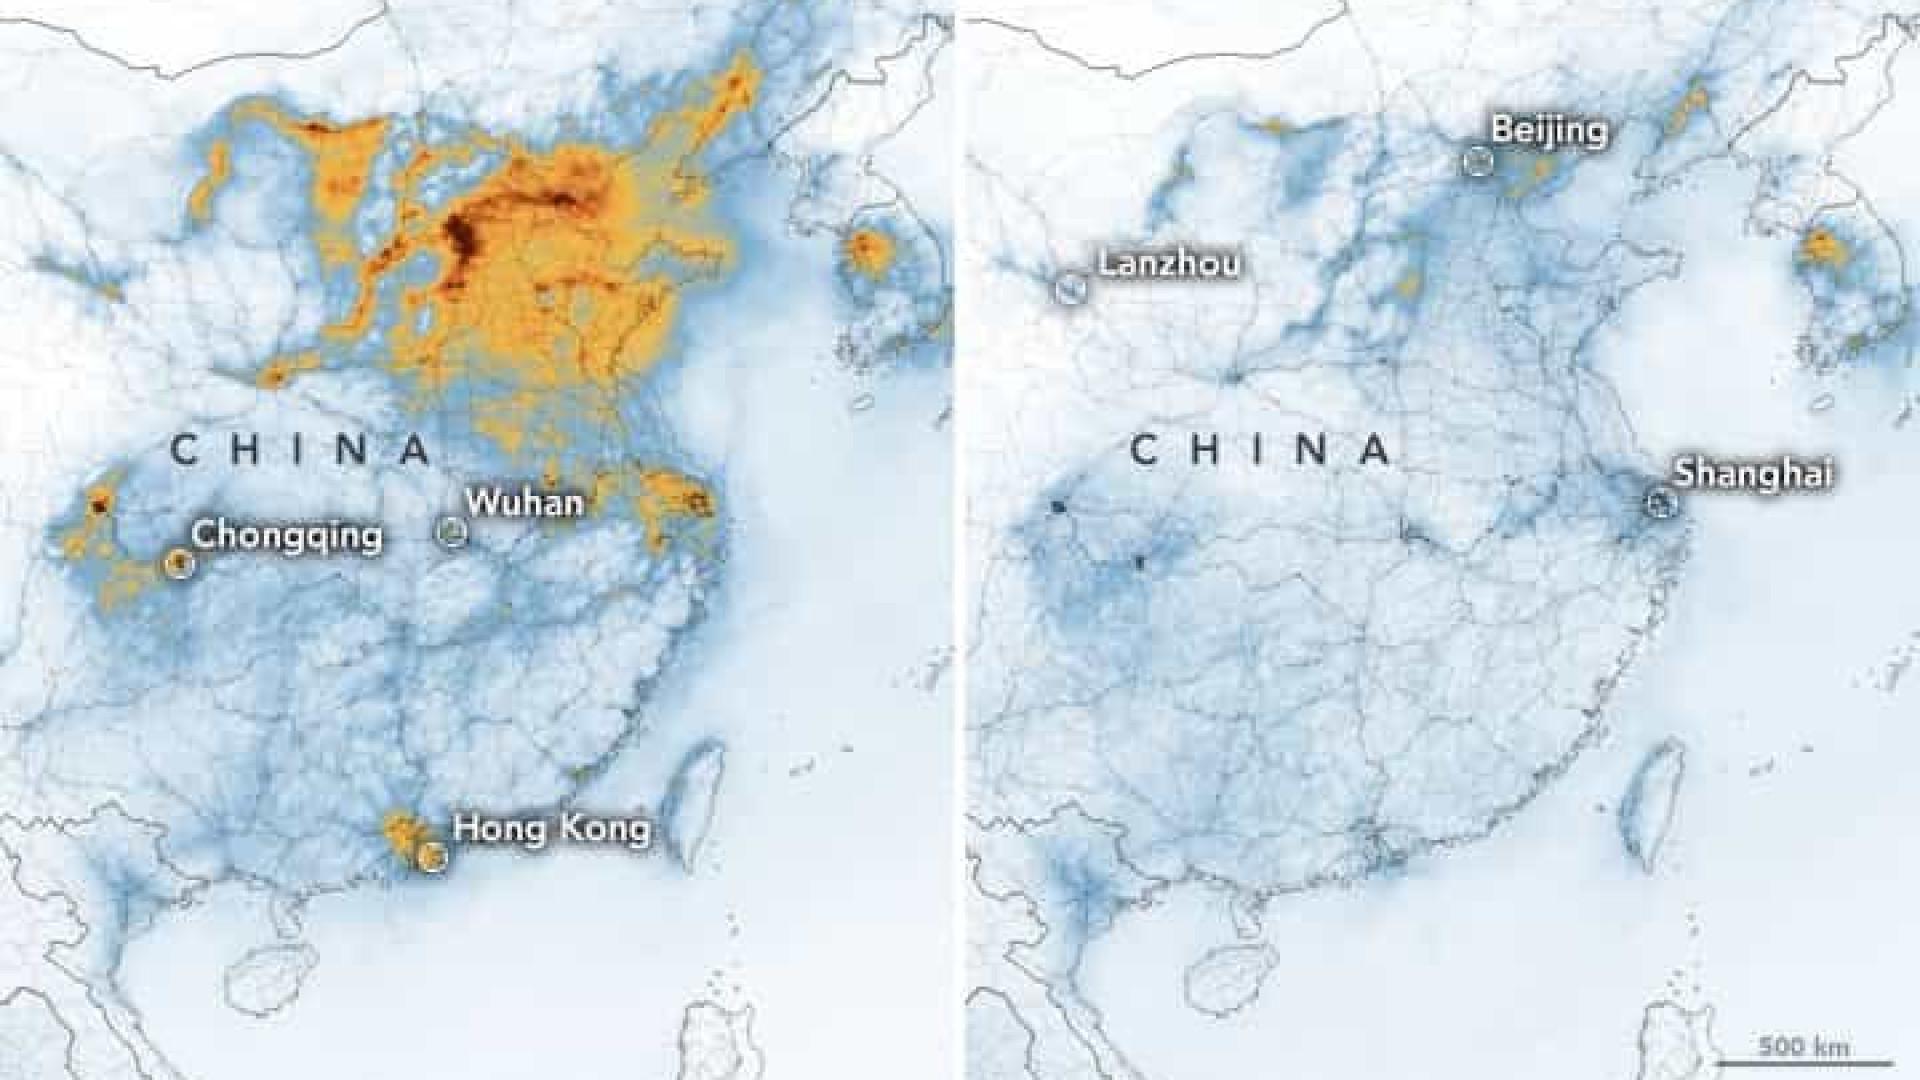 Coronavírus: NASA revela diminuição dos níveis de poluição na China